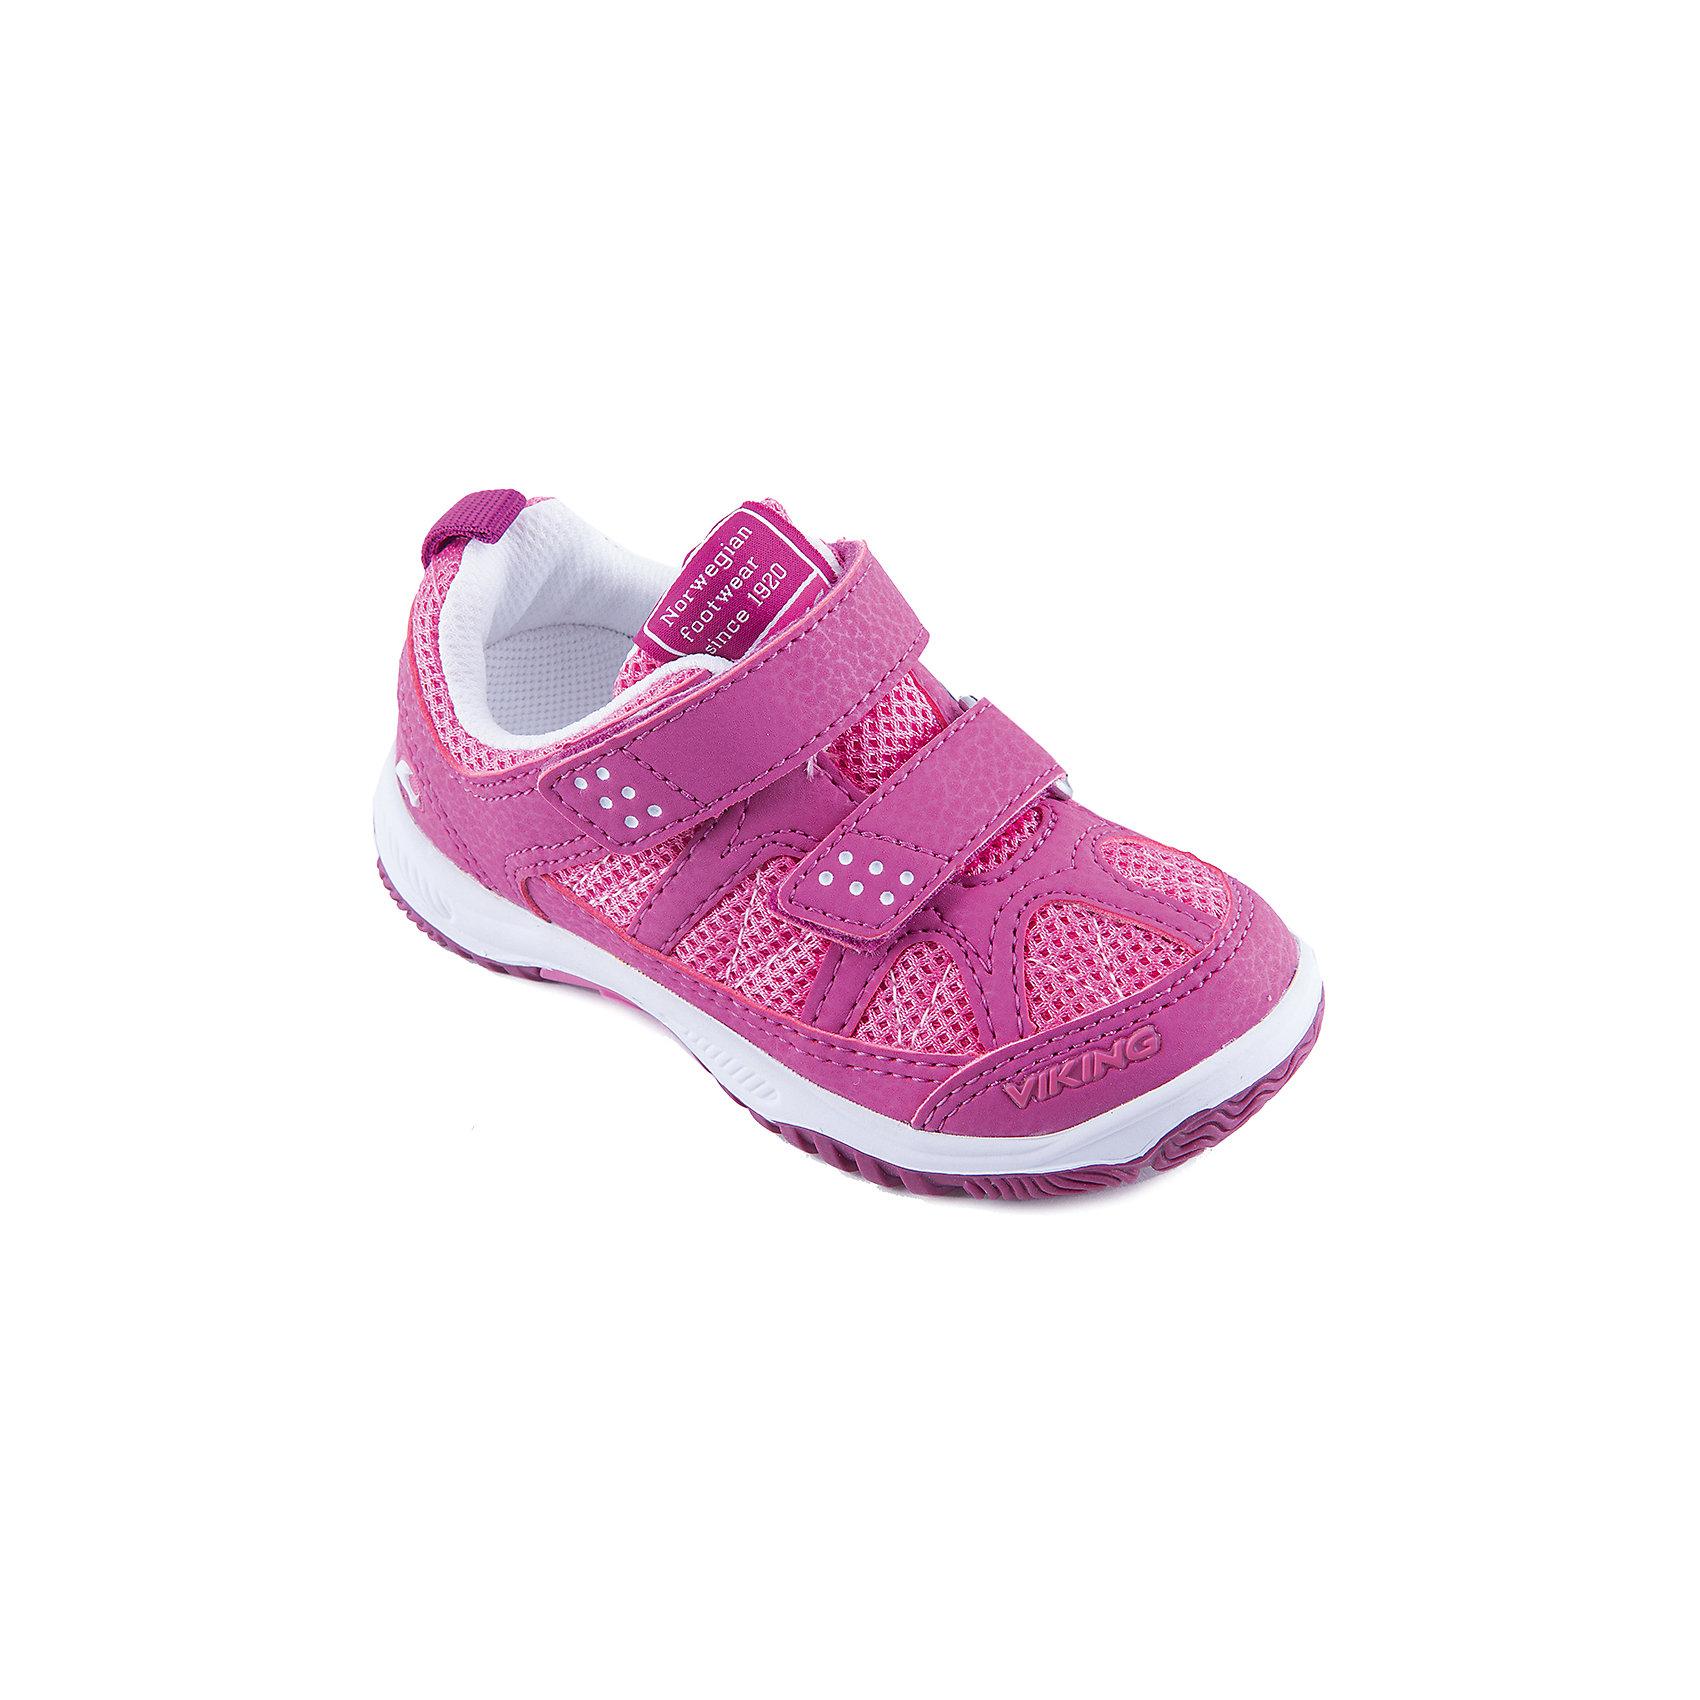 Кроссовки для девочки VIKINGКроссовки для девочки от марки VIKING - прекрасный вариант для повседневной носки или же активного отдыха. Модель на липучке имеет рифленую подошву, нос и задник из влагоустойчивого материала и тканевые вставки для вентиляции ноги. Кроссовки яркой расцветки изготовлены из высококачественных материалов, очень удобные и практичные. <br><br>Дополнительная информация:<br><br>- Тип застежки: липучка. <br>- Декоративные элементы: логотип бренда.<br>- Стирка: щадящий режим, 30 ?. <br>Параметры для размера 24.<br>- Толщина подошвы: 1,3 см.<br>- Высота каблука: 2 см.<br>Состав:<br>текстиль, искусственная кожа, этиленвинилацетат, натуральная резина.<br><br>Полуботинки для девочки VIKING (Викинг) можно купить в нашем магазине.<br><br>Ширина мм: 262<br>Глубина мм: 176<br>Высота мм: 97<br>Вес г: 427<br>Цвет: фиолетовый<br>Возраст от месяцев: 24<br>Возраст до месяцев: 24<br>Пол: Женский<br>Возраст: Детский<br>Размер: 25,32,29,33,34,35,26,27,24,28,30,31<br>SKU: 4233377